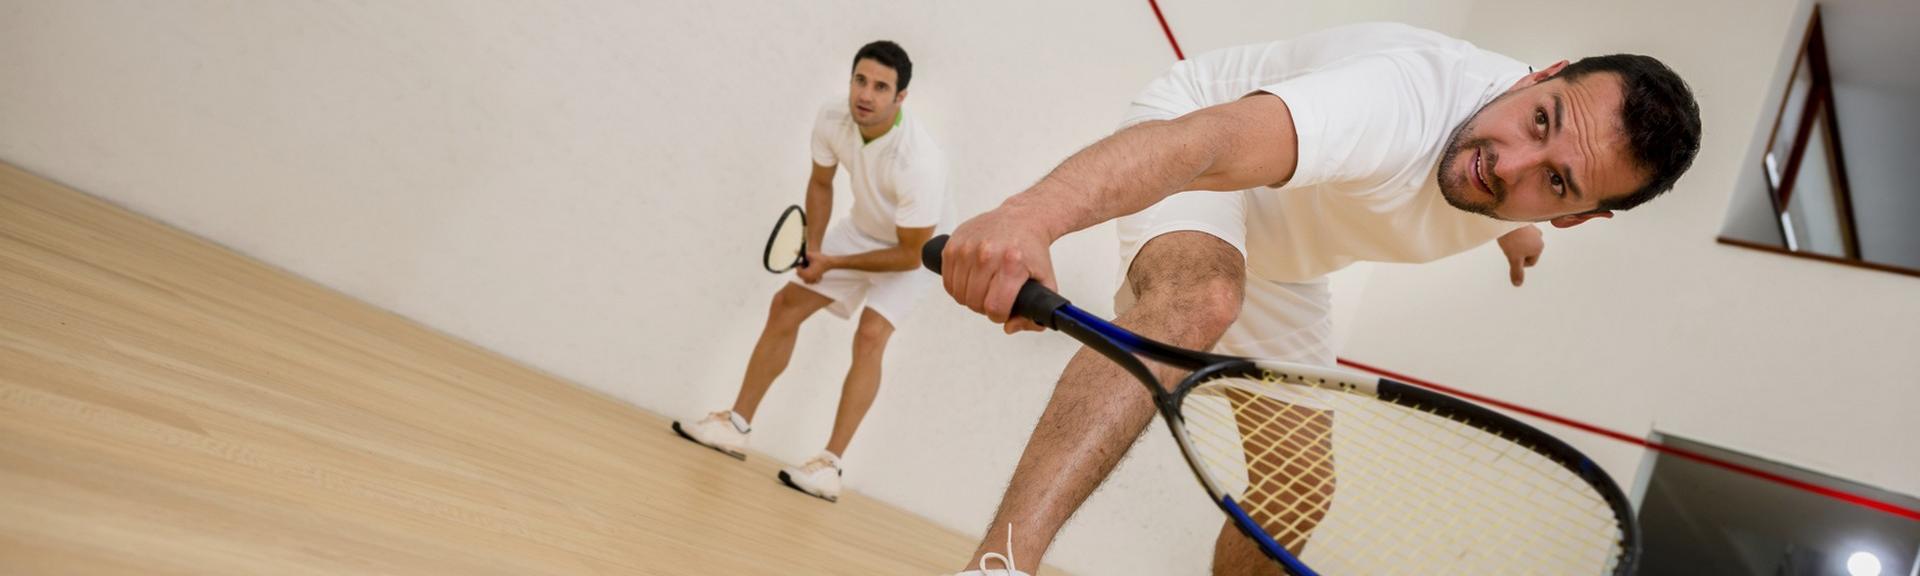 Le squash, un sport de raquette exigeant et intense